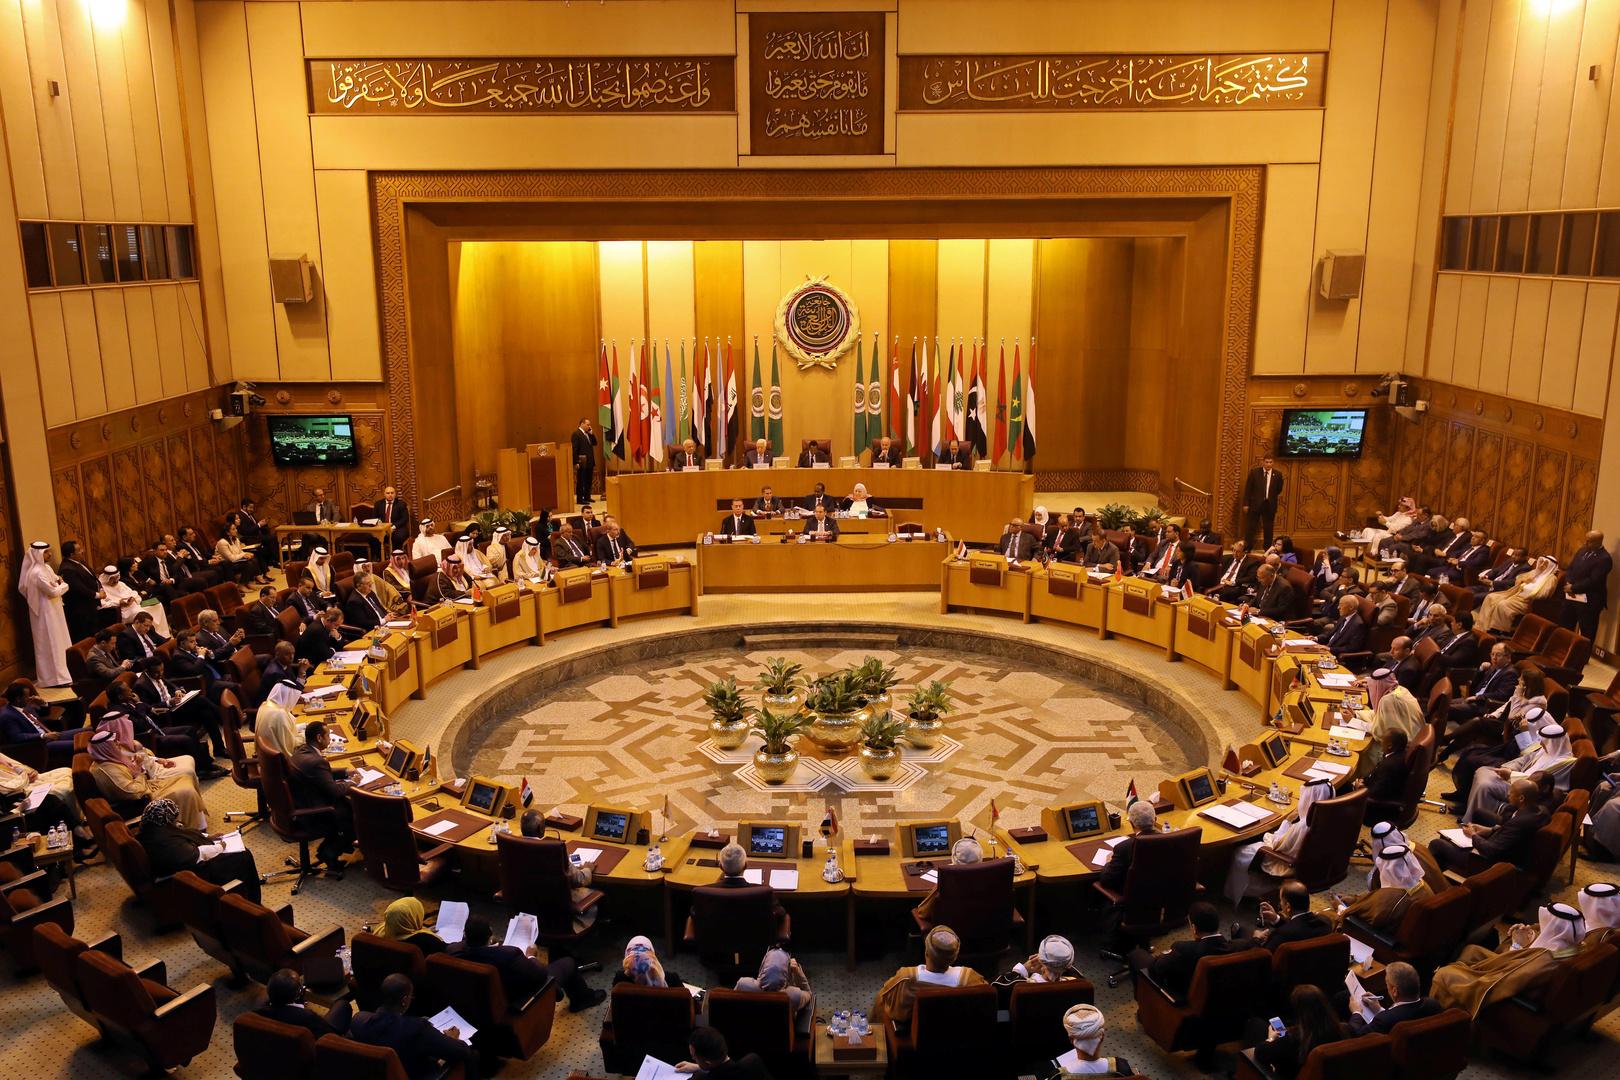 الجامعة العربية تفشل في تبني مشروع قرار فلسطيني رافض لتطبيع الإمارات مع إسرائيل